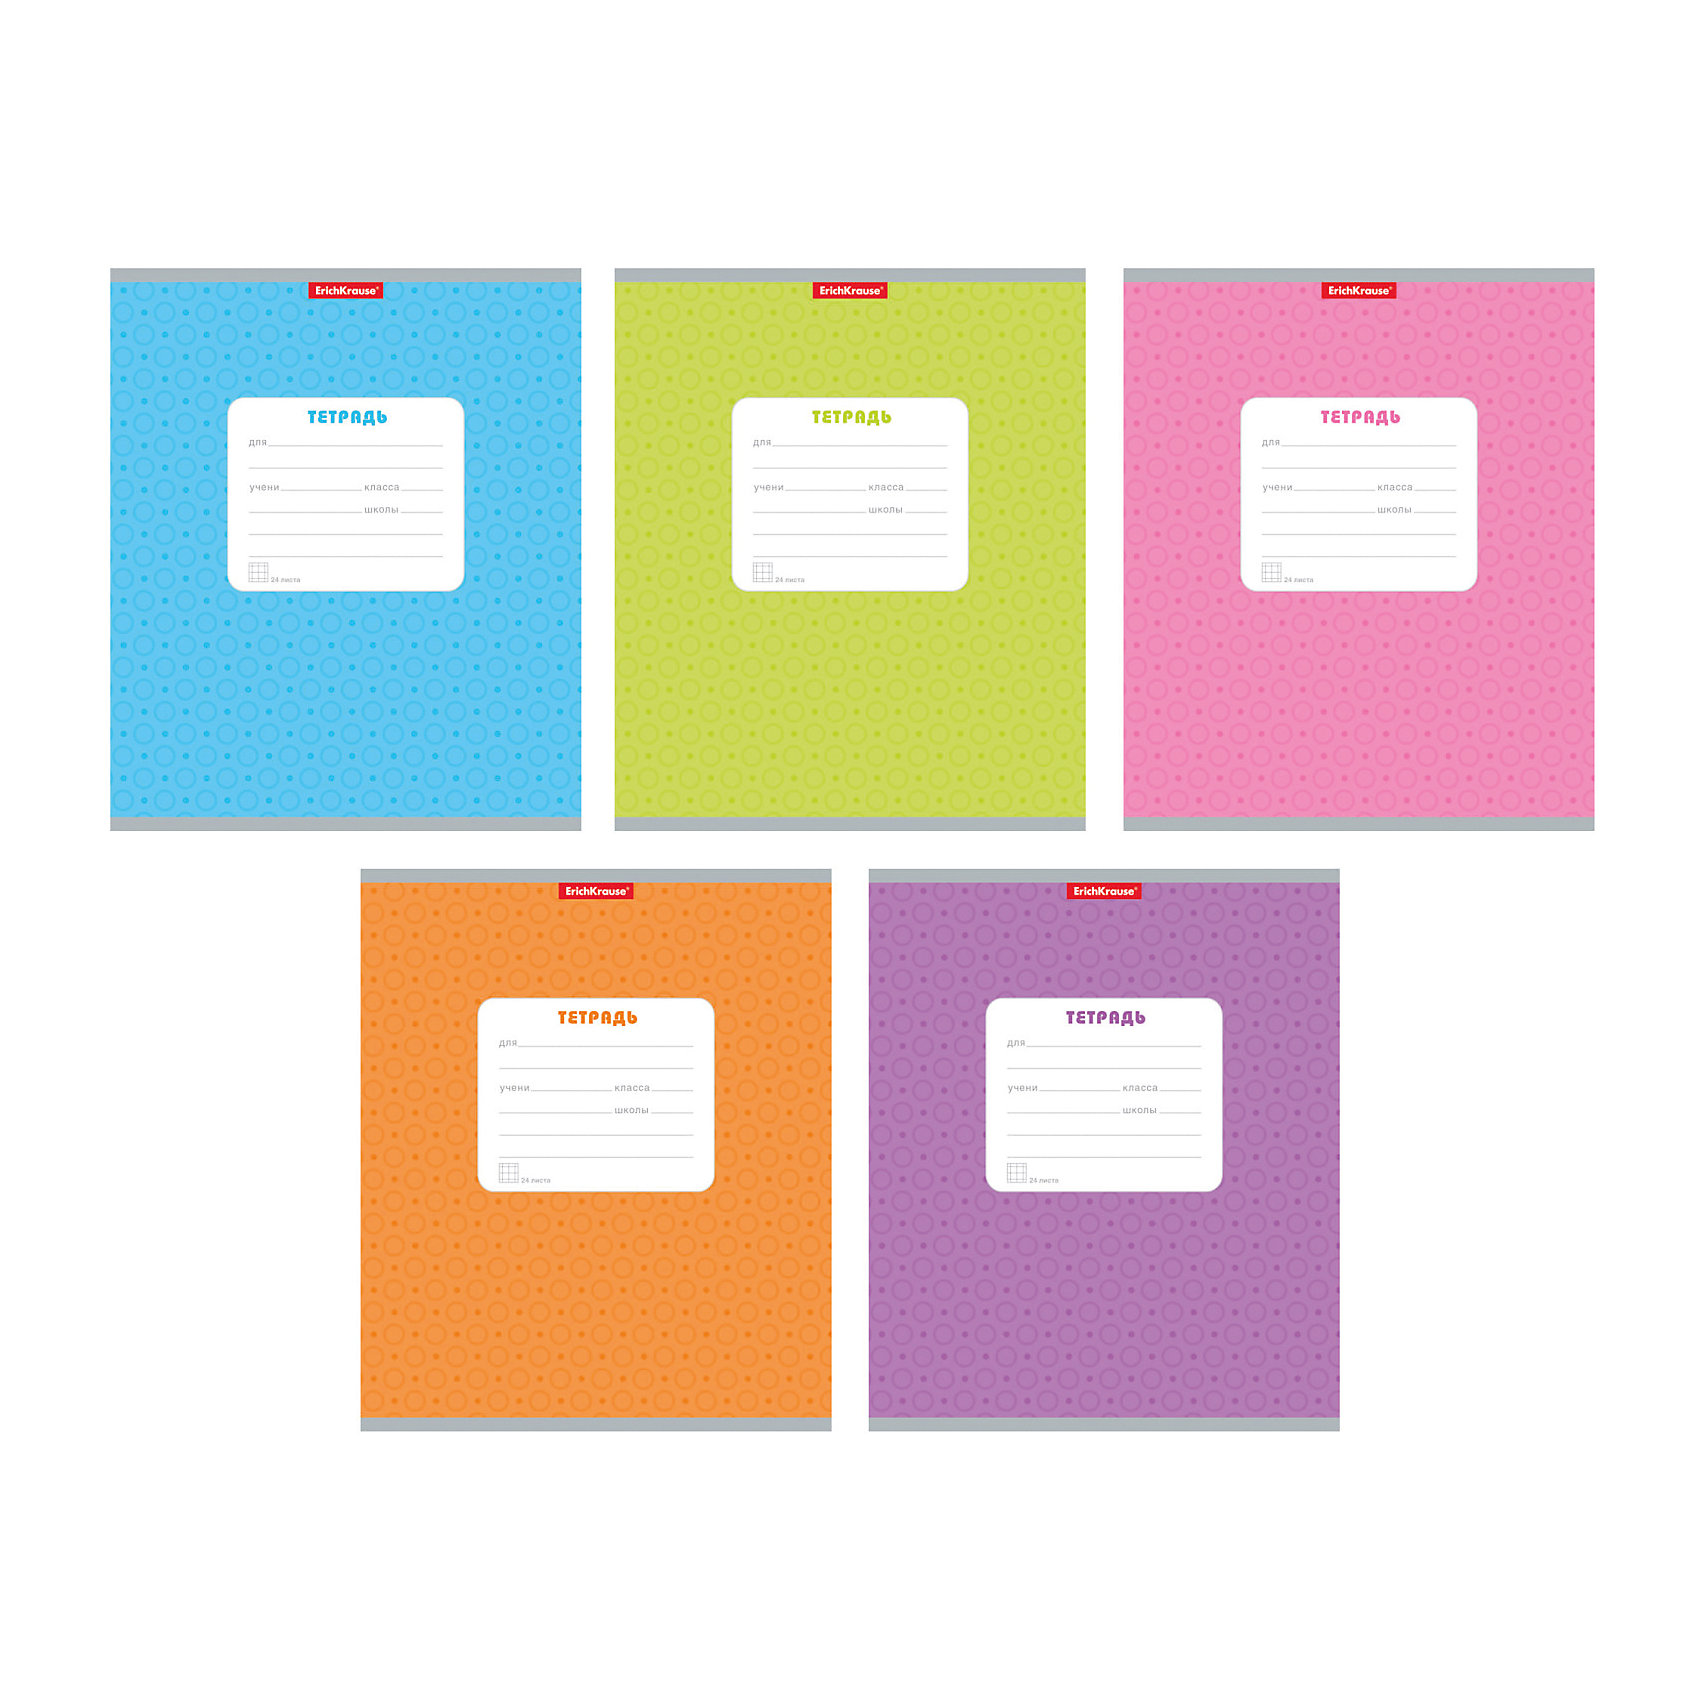 Тетрадь 24 листа, горошек ассорти, упаковка из 10 шт.Бумажная продукция<br>Тетрадь 24 листа, горошек ассорти, 10 шт.<br><br>Характеристики:<br><br>• Количество: 10 шт.<br>• Формат: А5<br>• Внутренний блок: 24 листа, клетка, офсет<br>• Тип крепления: скрепка<br>• Обложка: мелованный картон<br>• Цвет обложки: ассорти в горошек<br><br>Тетради в клетку «Горошек» предназначены для школьников. Отличная полиграфия и качественная бумага обеспечат высокое качество письма. Обложка из мелованного картона позволит сохранять тетрадь в аккуратном виде в течение всего периода использования.<br><br>Тетрадь 24 листа, горошек ассорти, 10 шт. можно купить в нашем интернет-магазине.<br><br>Ширина мм: 170<br>Глубина мм: 40<br>Высота мм: 205<br>Вес г: 582<br>Возраст от месяцев: 60<br>Возраст до месяцев: 204<br>Пол: Унисекс<br>Возраст: Детский<br>SKU: 5540096